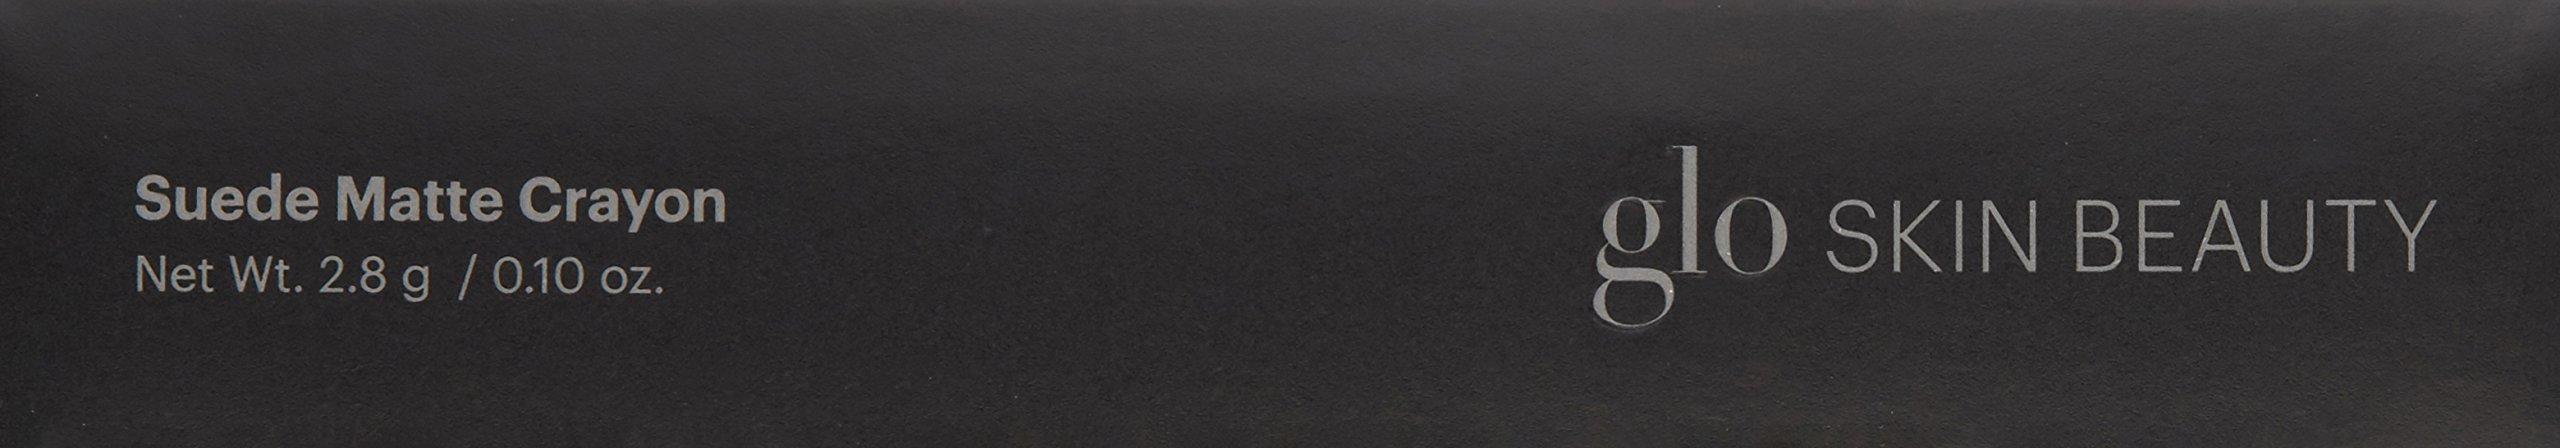 Glo Skin Beauty Suede Matte Crayon - Sorbet - Chunky Longwear Lip Stick Pencil, 7 Shades | Cruelty Free by Glo Skin Beauty (Image #4)